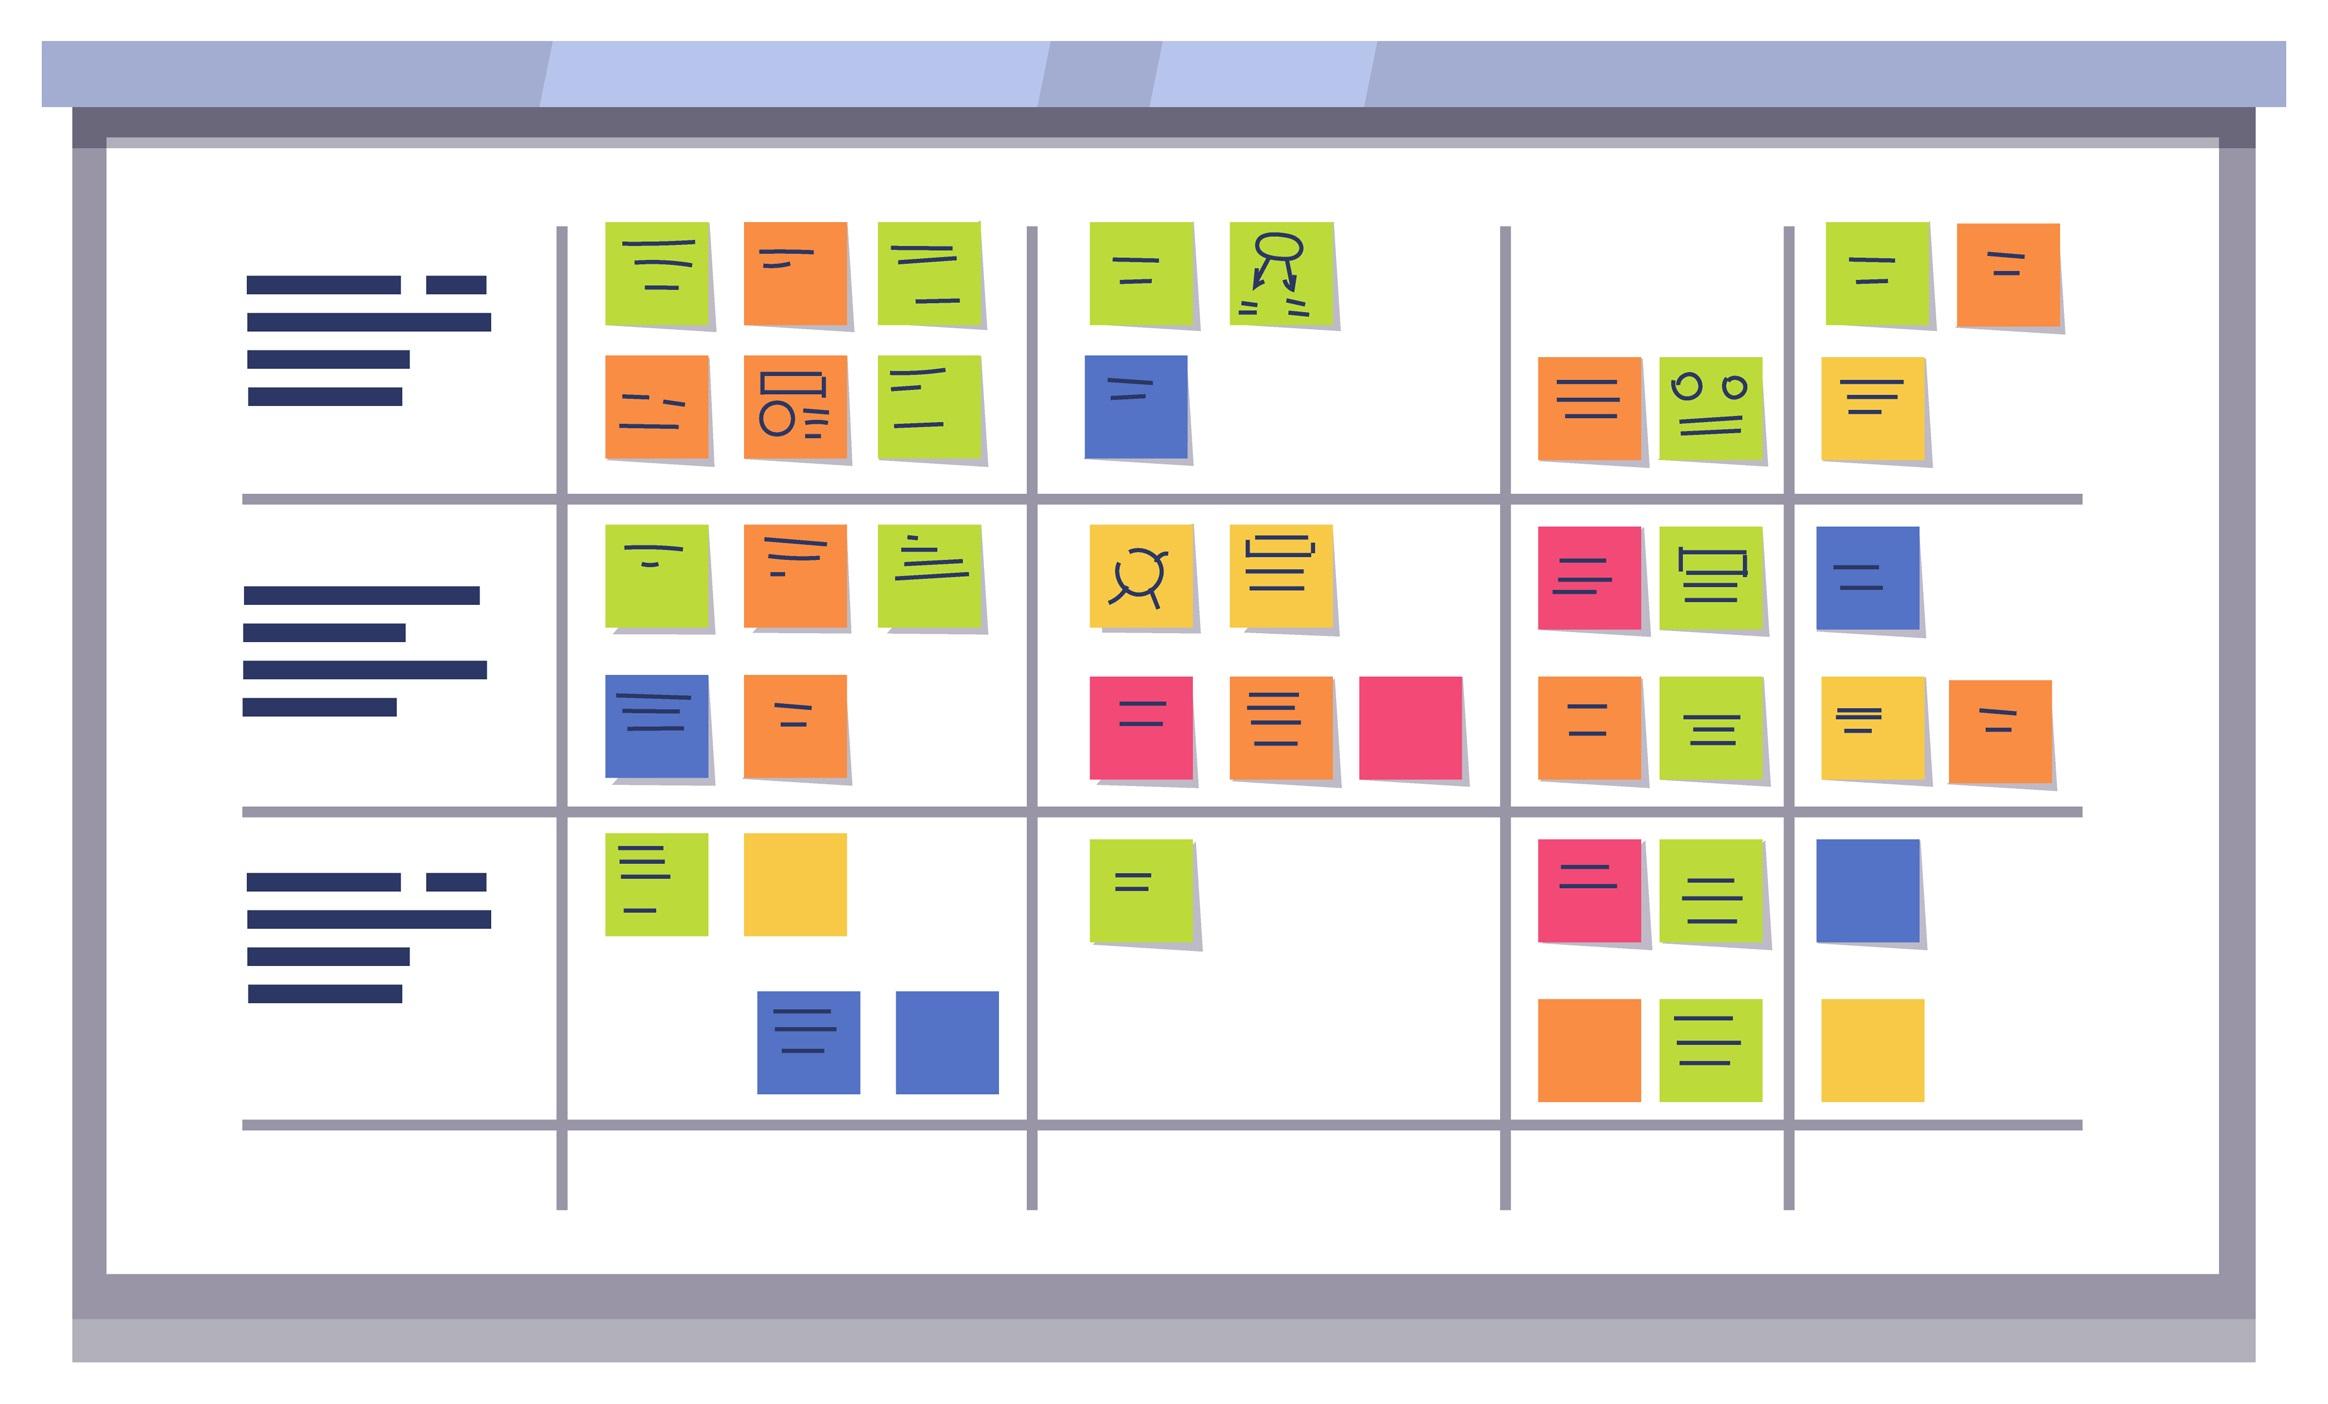 애자일 개발 방법론을 차용하는 팀에서 자주 볼 수 있는 스크럼 보드(Scrum Board)